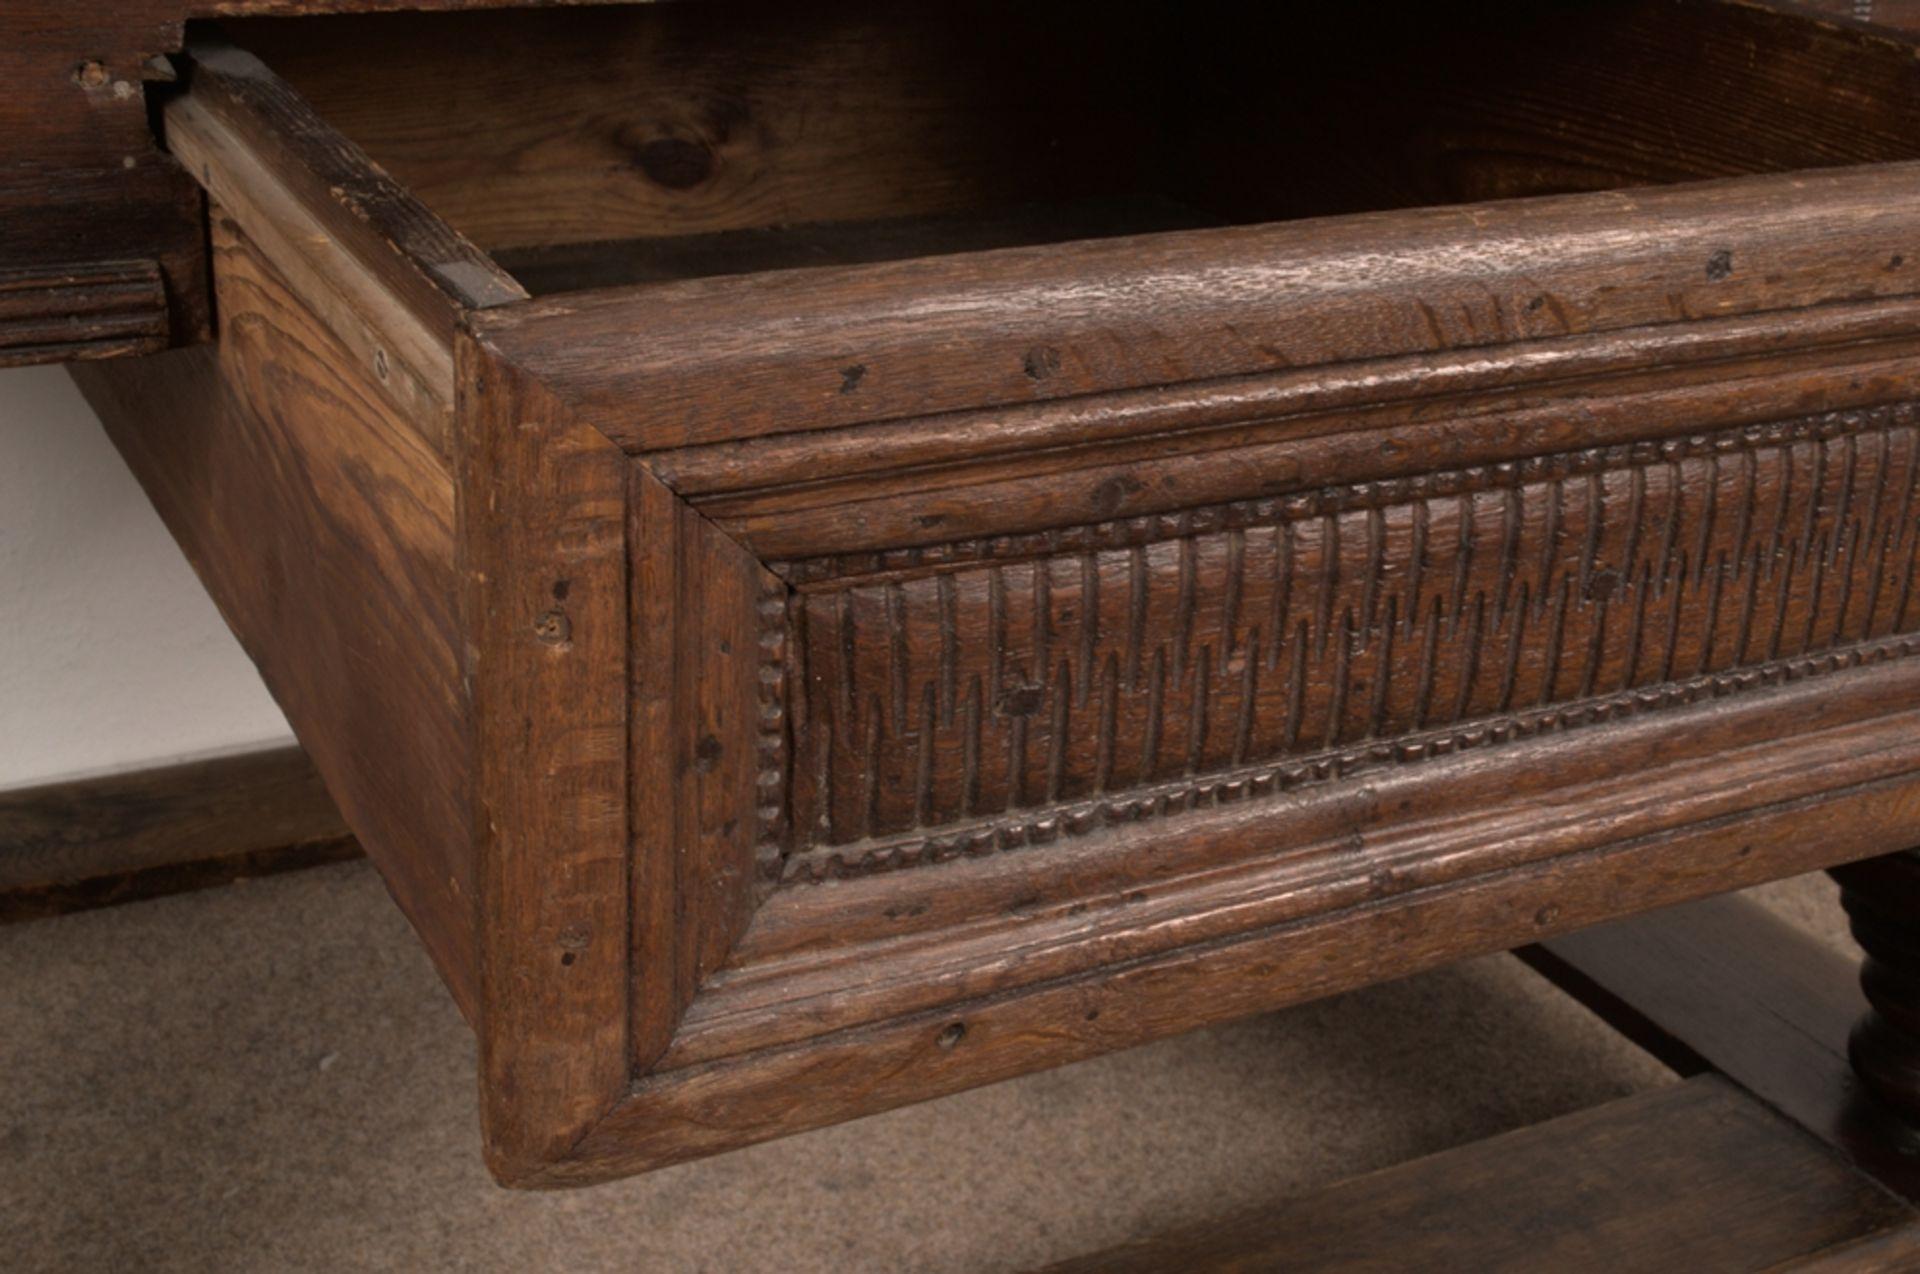 Großer Auszugstisch, Franken um 1730/50. Querverstrebter Tischunterbau mit kräftigen Balusterbeinen, - Bild 35 aus 36